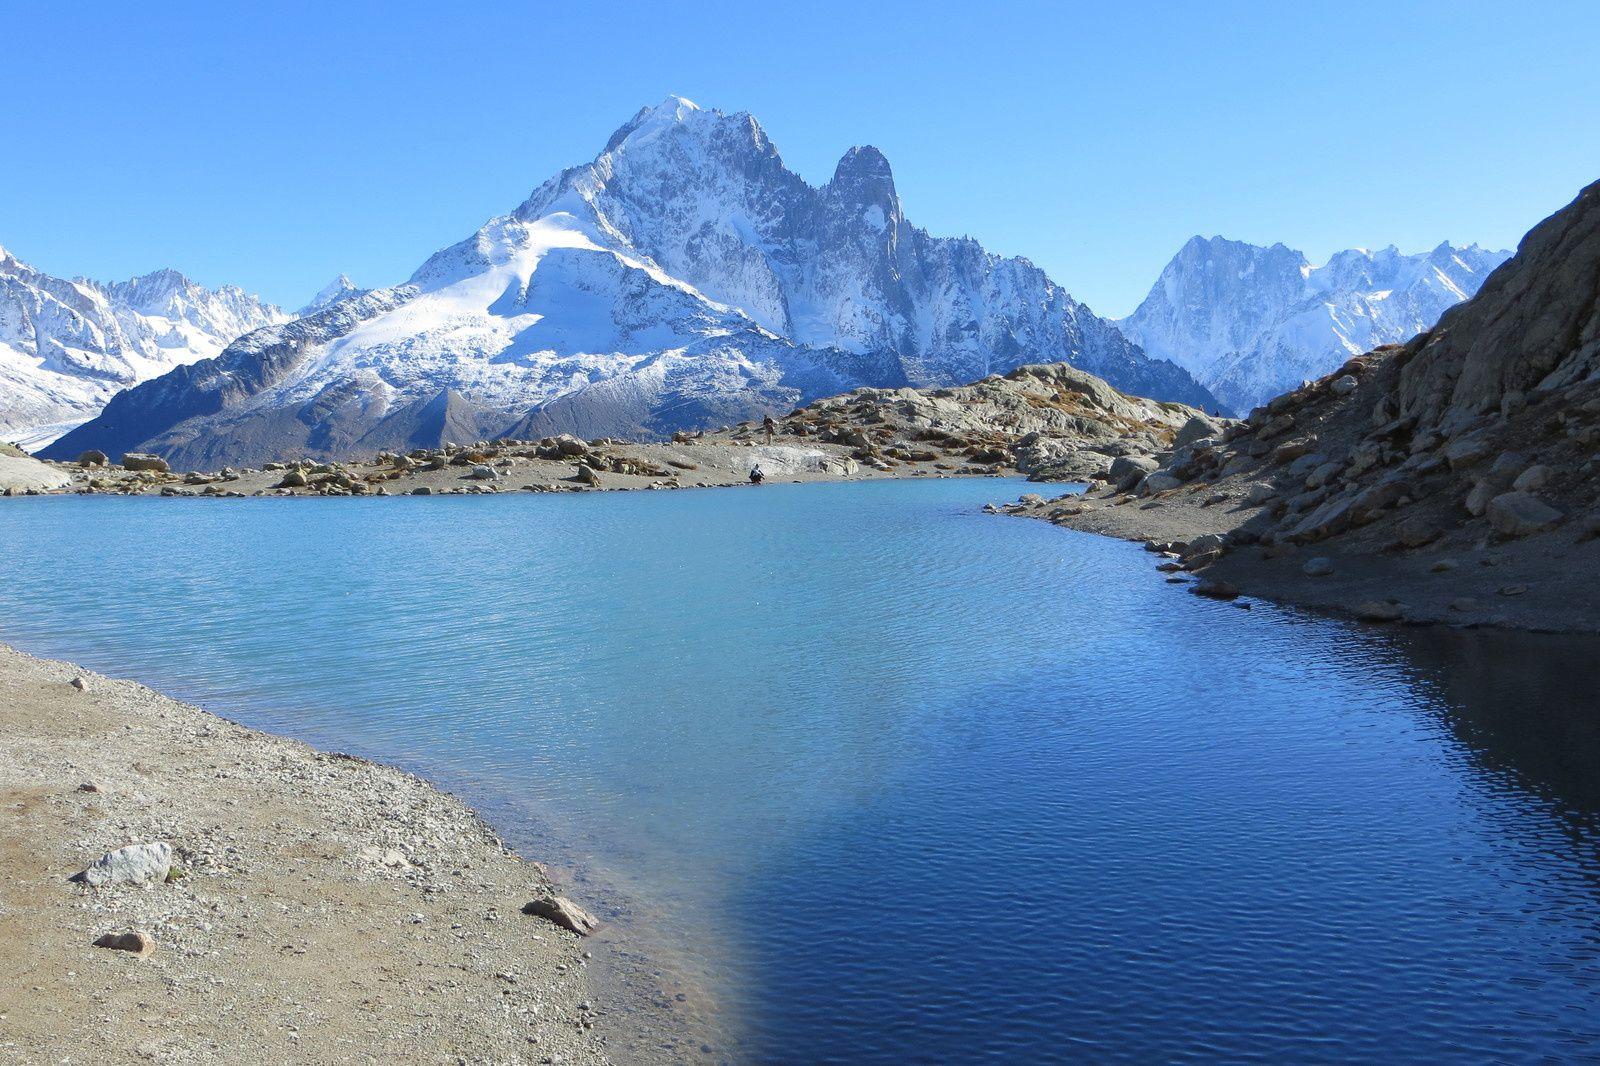 Le Lac Blanc 2352m devant l'Aiguille Verte et les Drus